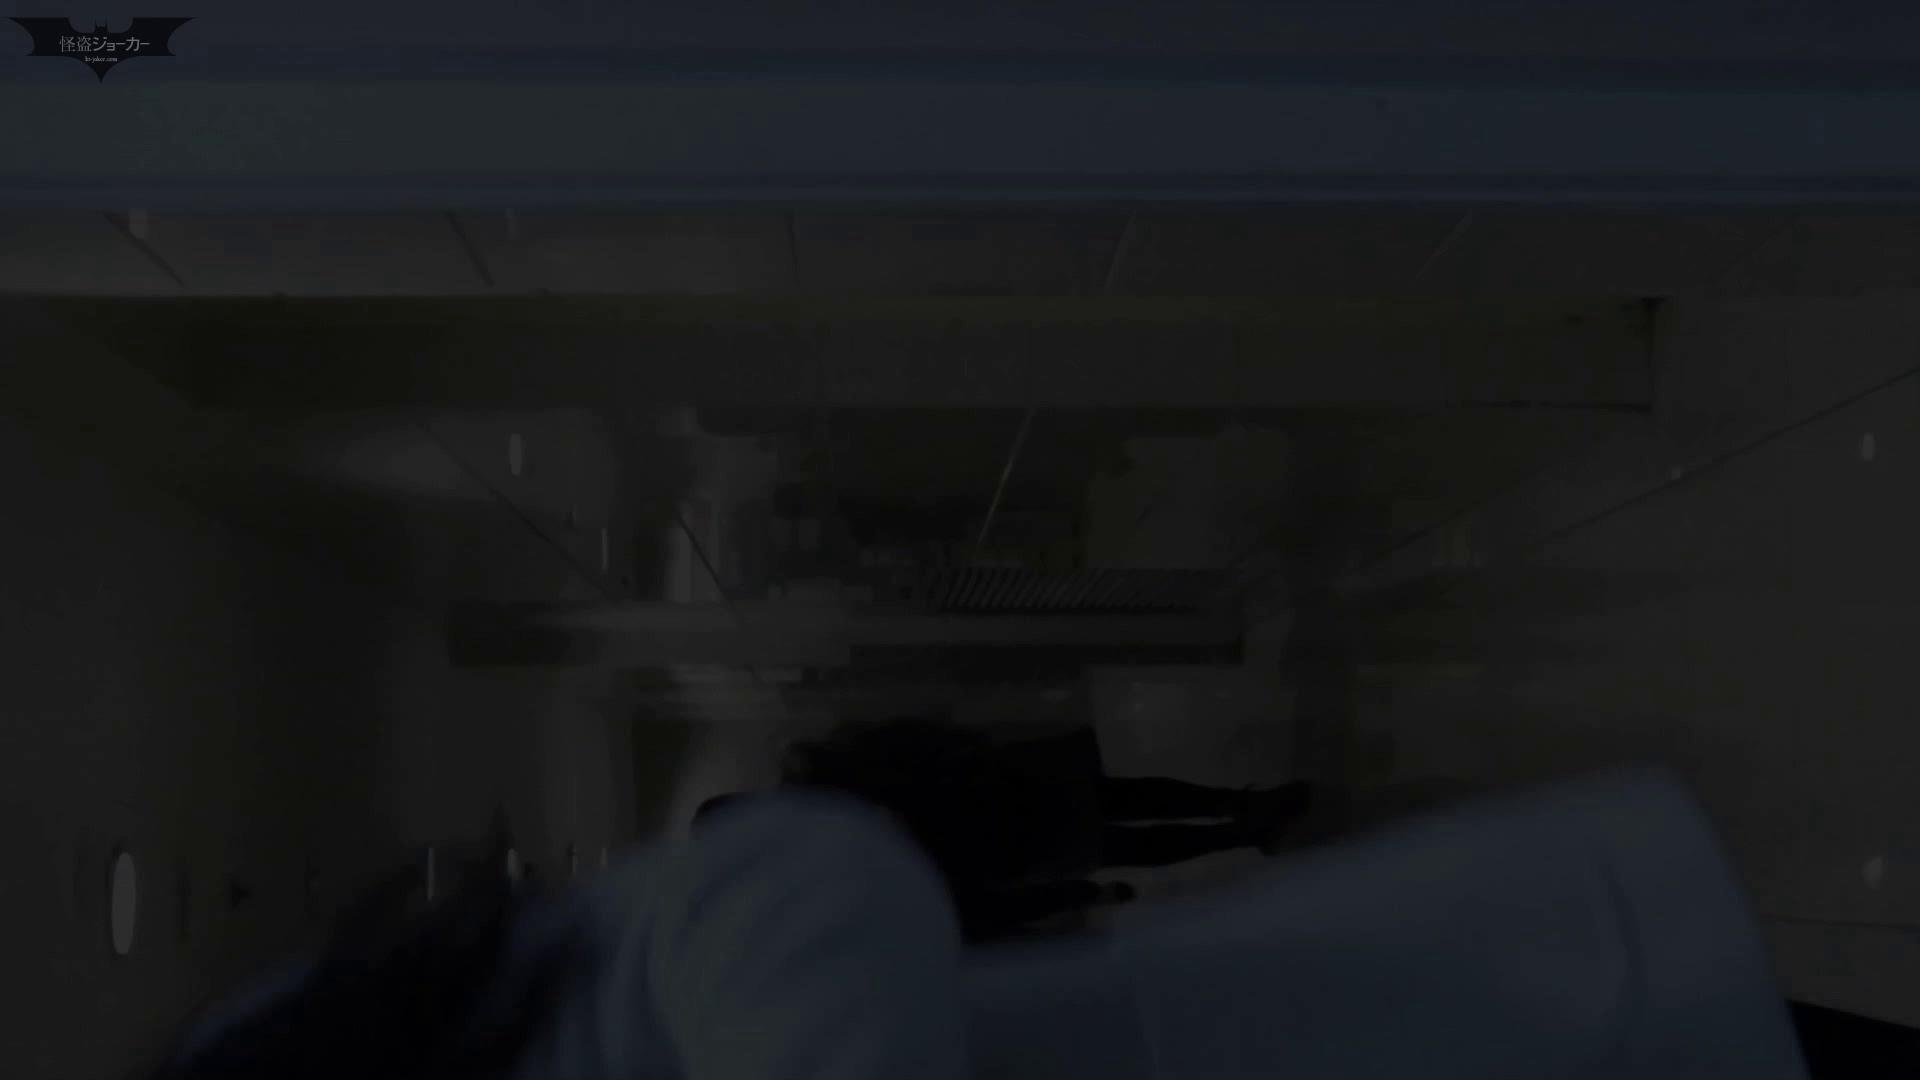 新世界の射窓 No64日本ギャル登場か?ハイヒール大特集! ギャル盗撮映像   洗面所  84PIX 81